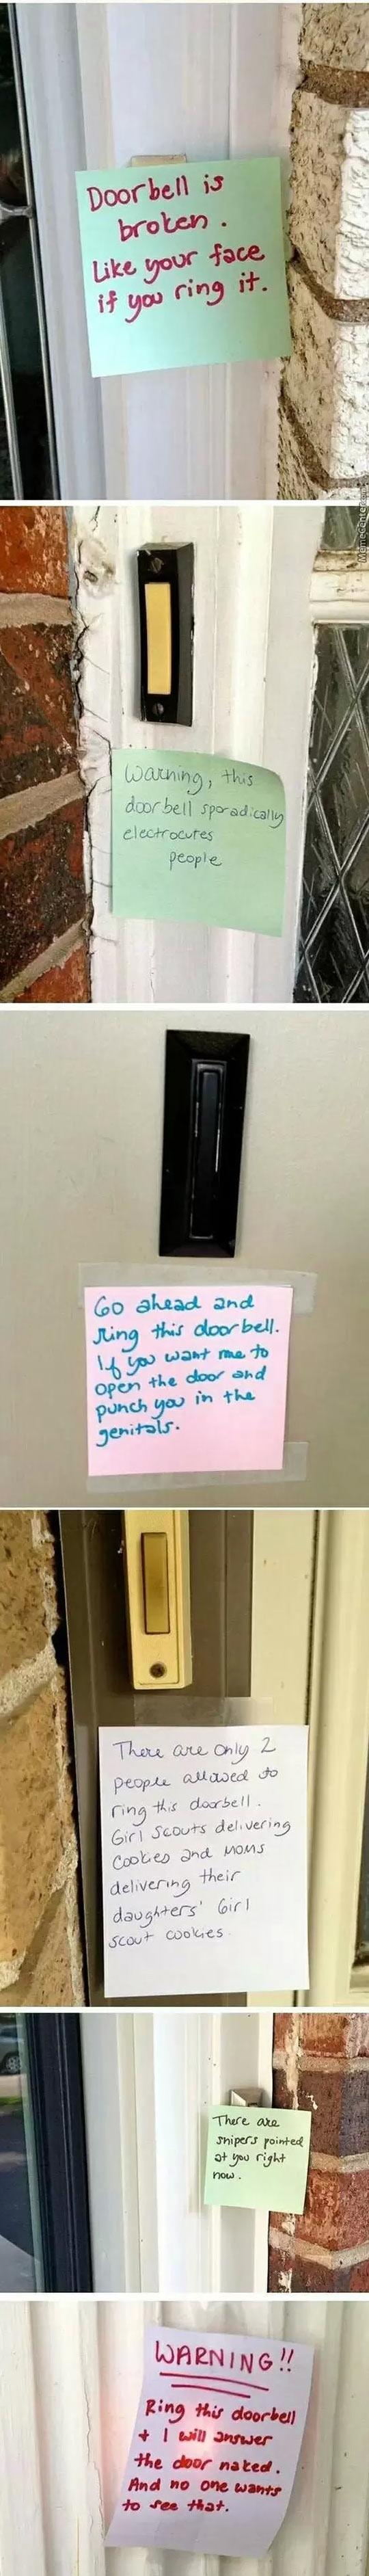 funny-doorbell-notes-threats-prank-warning